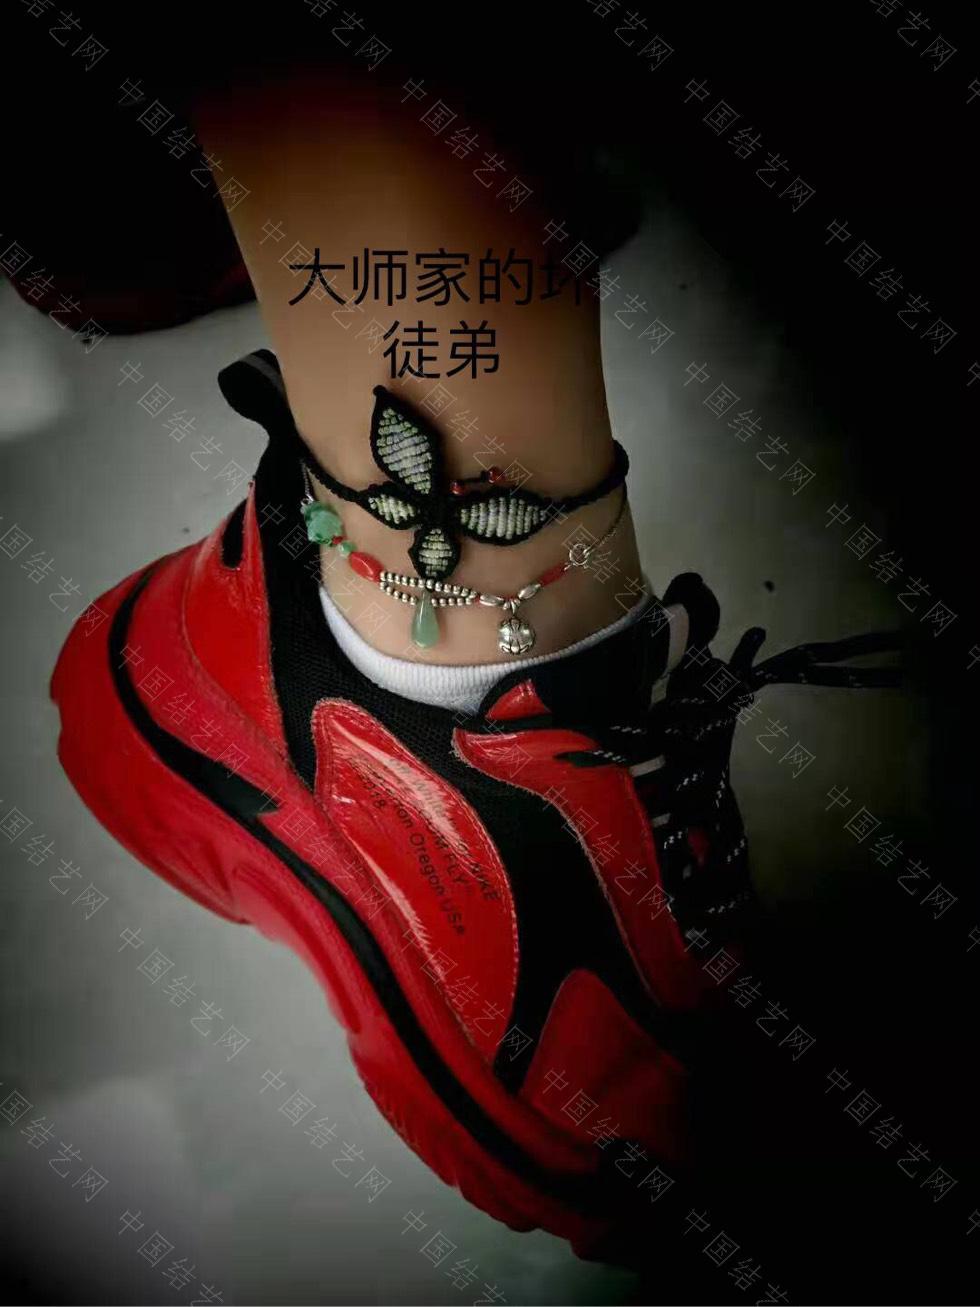 中国结论坛 脚链 脚不要随便戴红绳,为什么说尽量不戴脚链,女孩子为啥不能戴脚链,戴脚链的禁忌 作品展示 075032pzvgvswykv2hc7vk